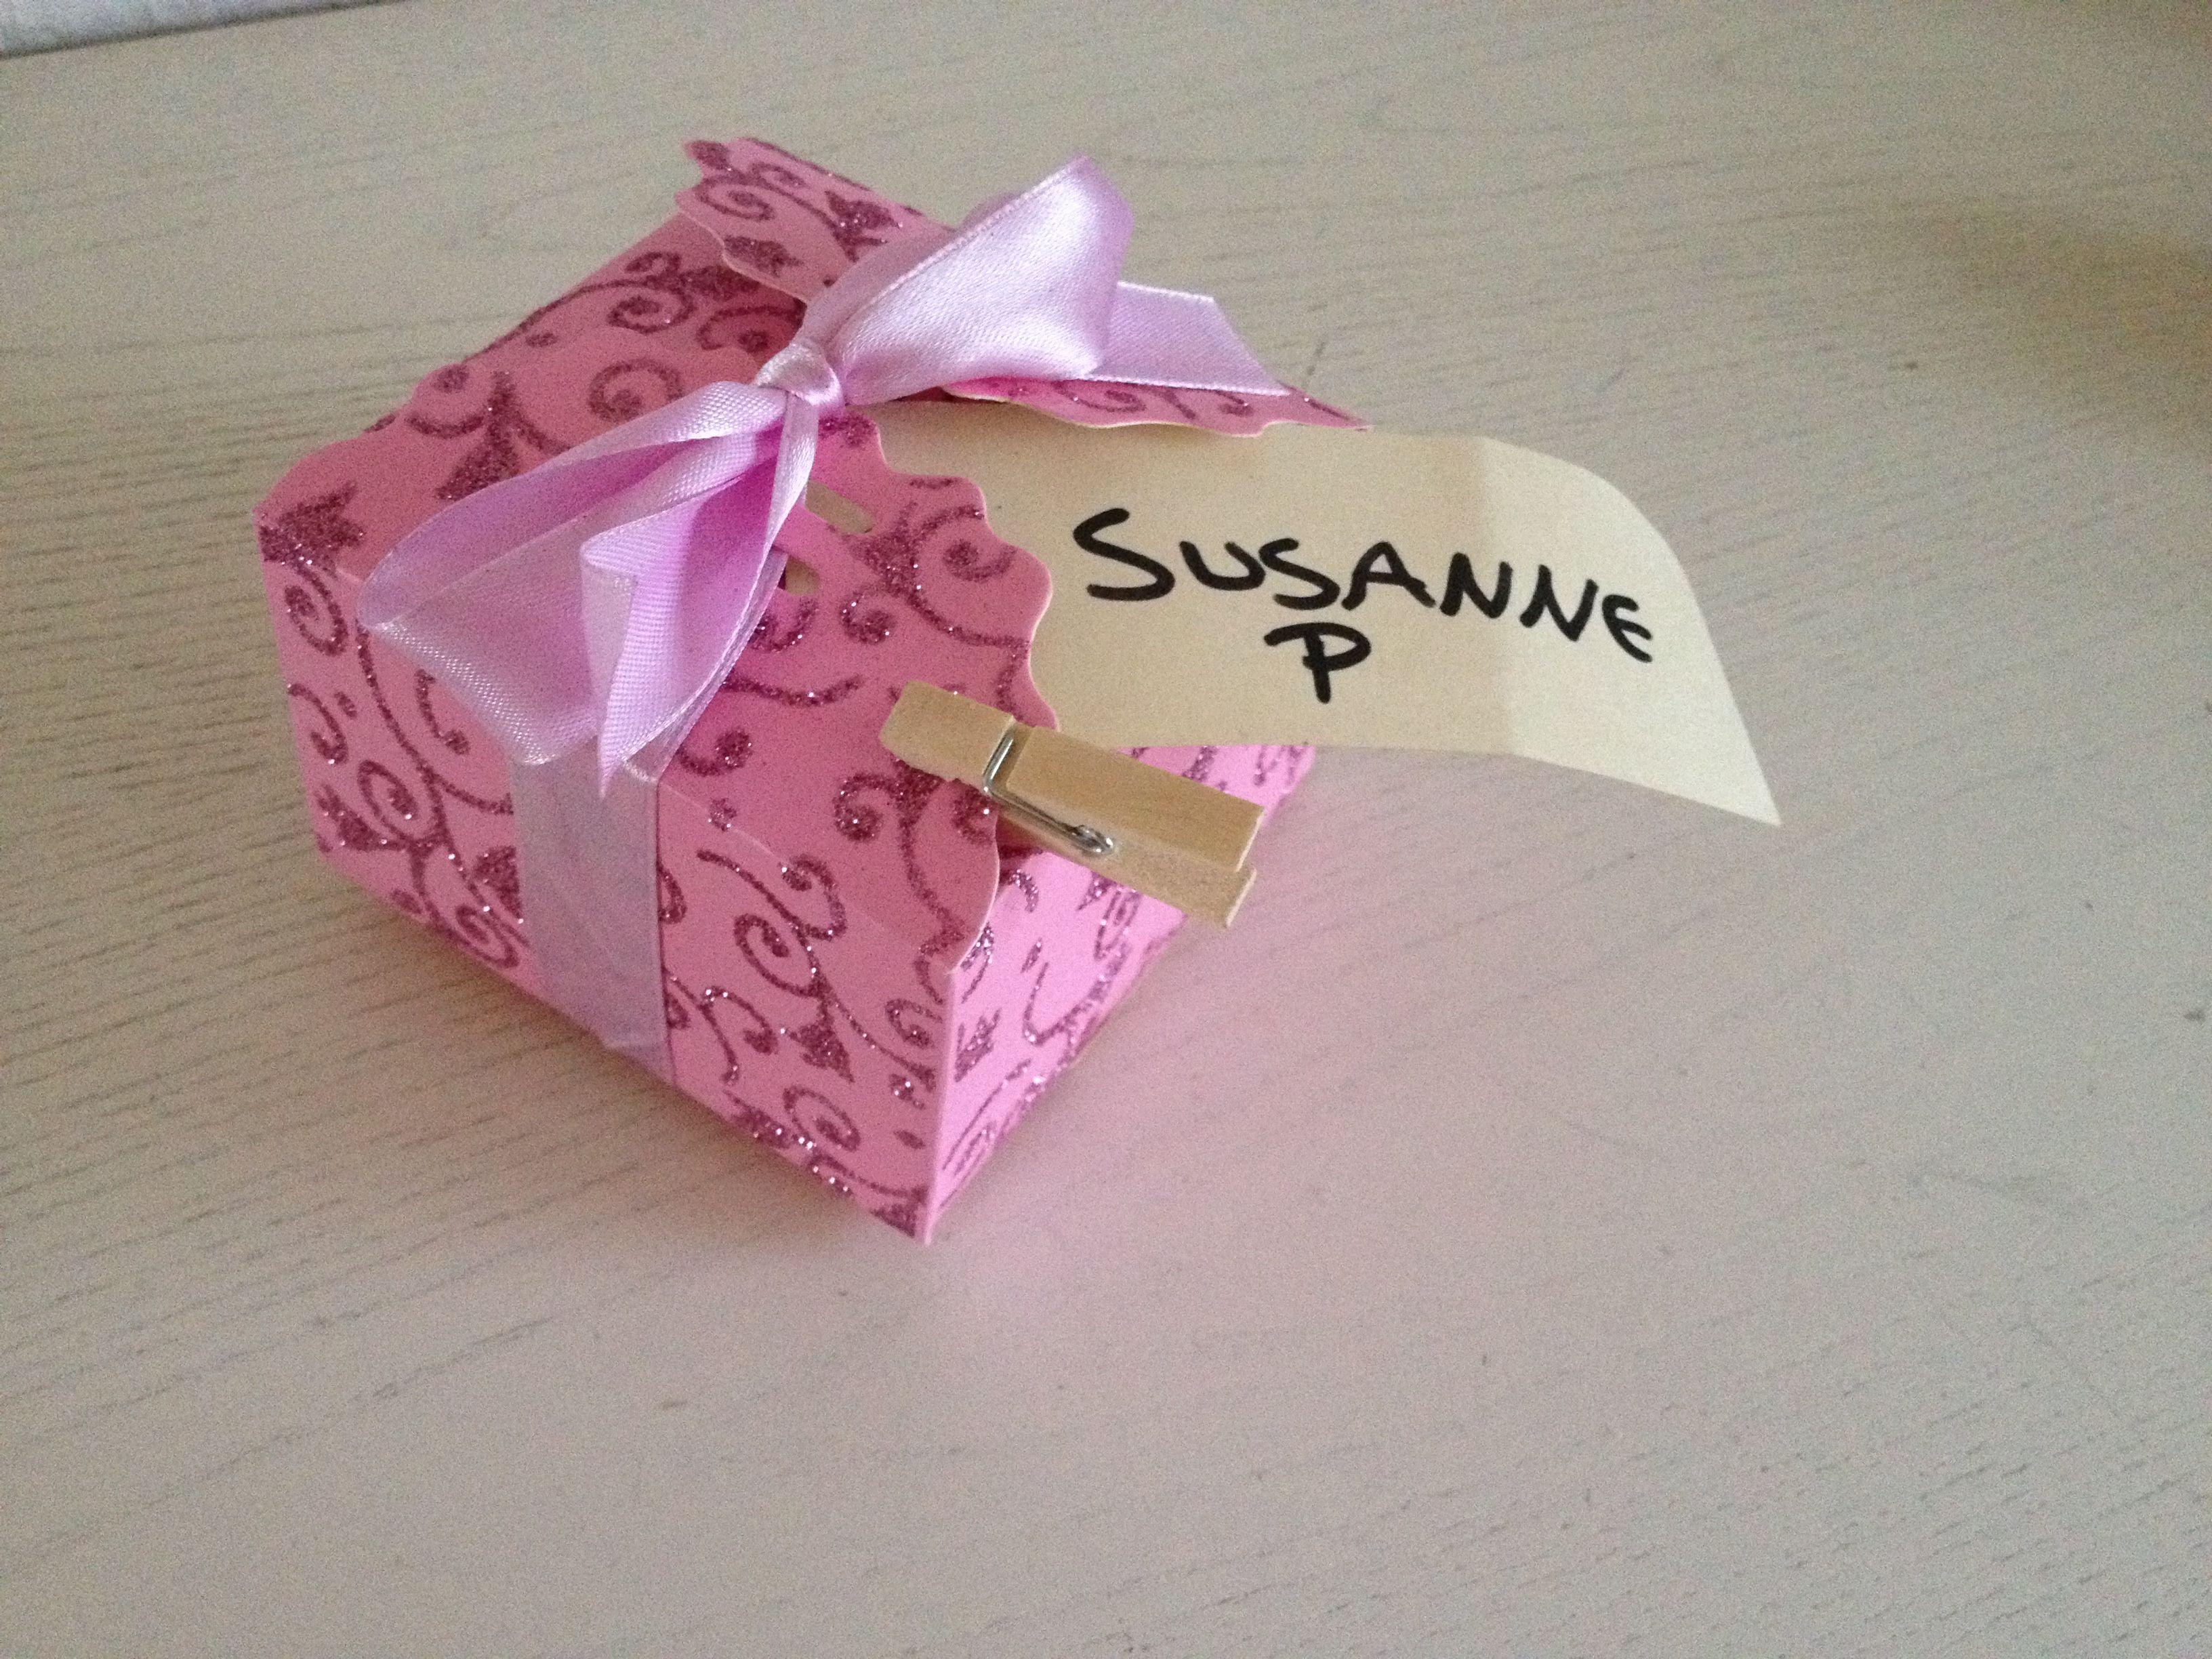 Overraskelser <3 #overraskelse #surprise #gaver